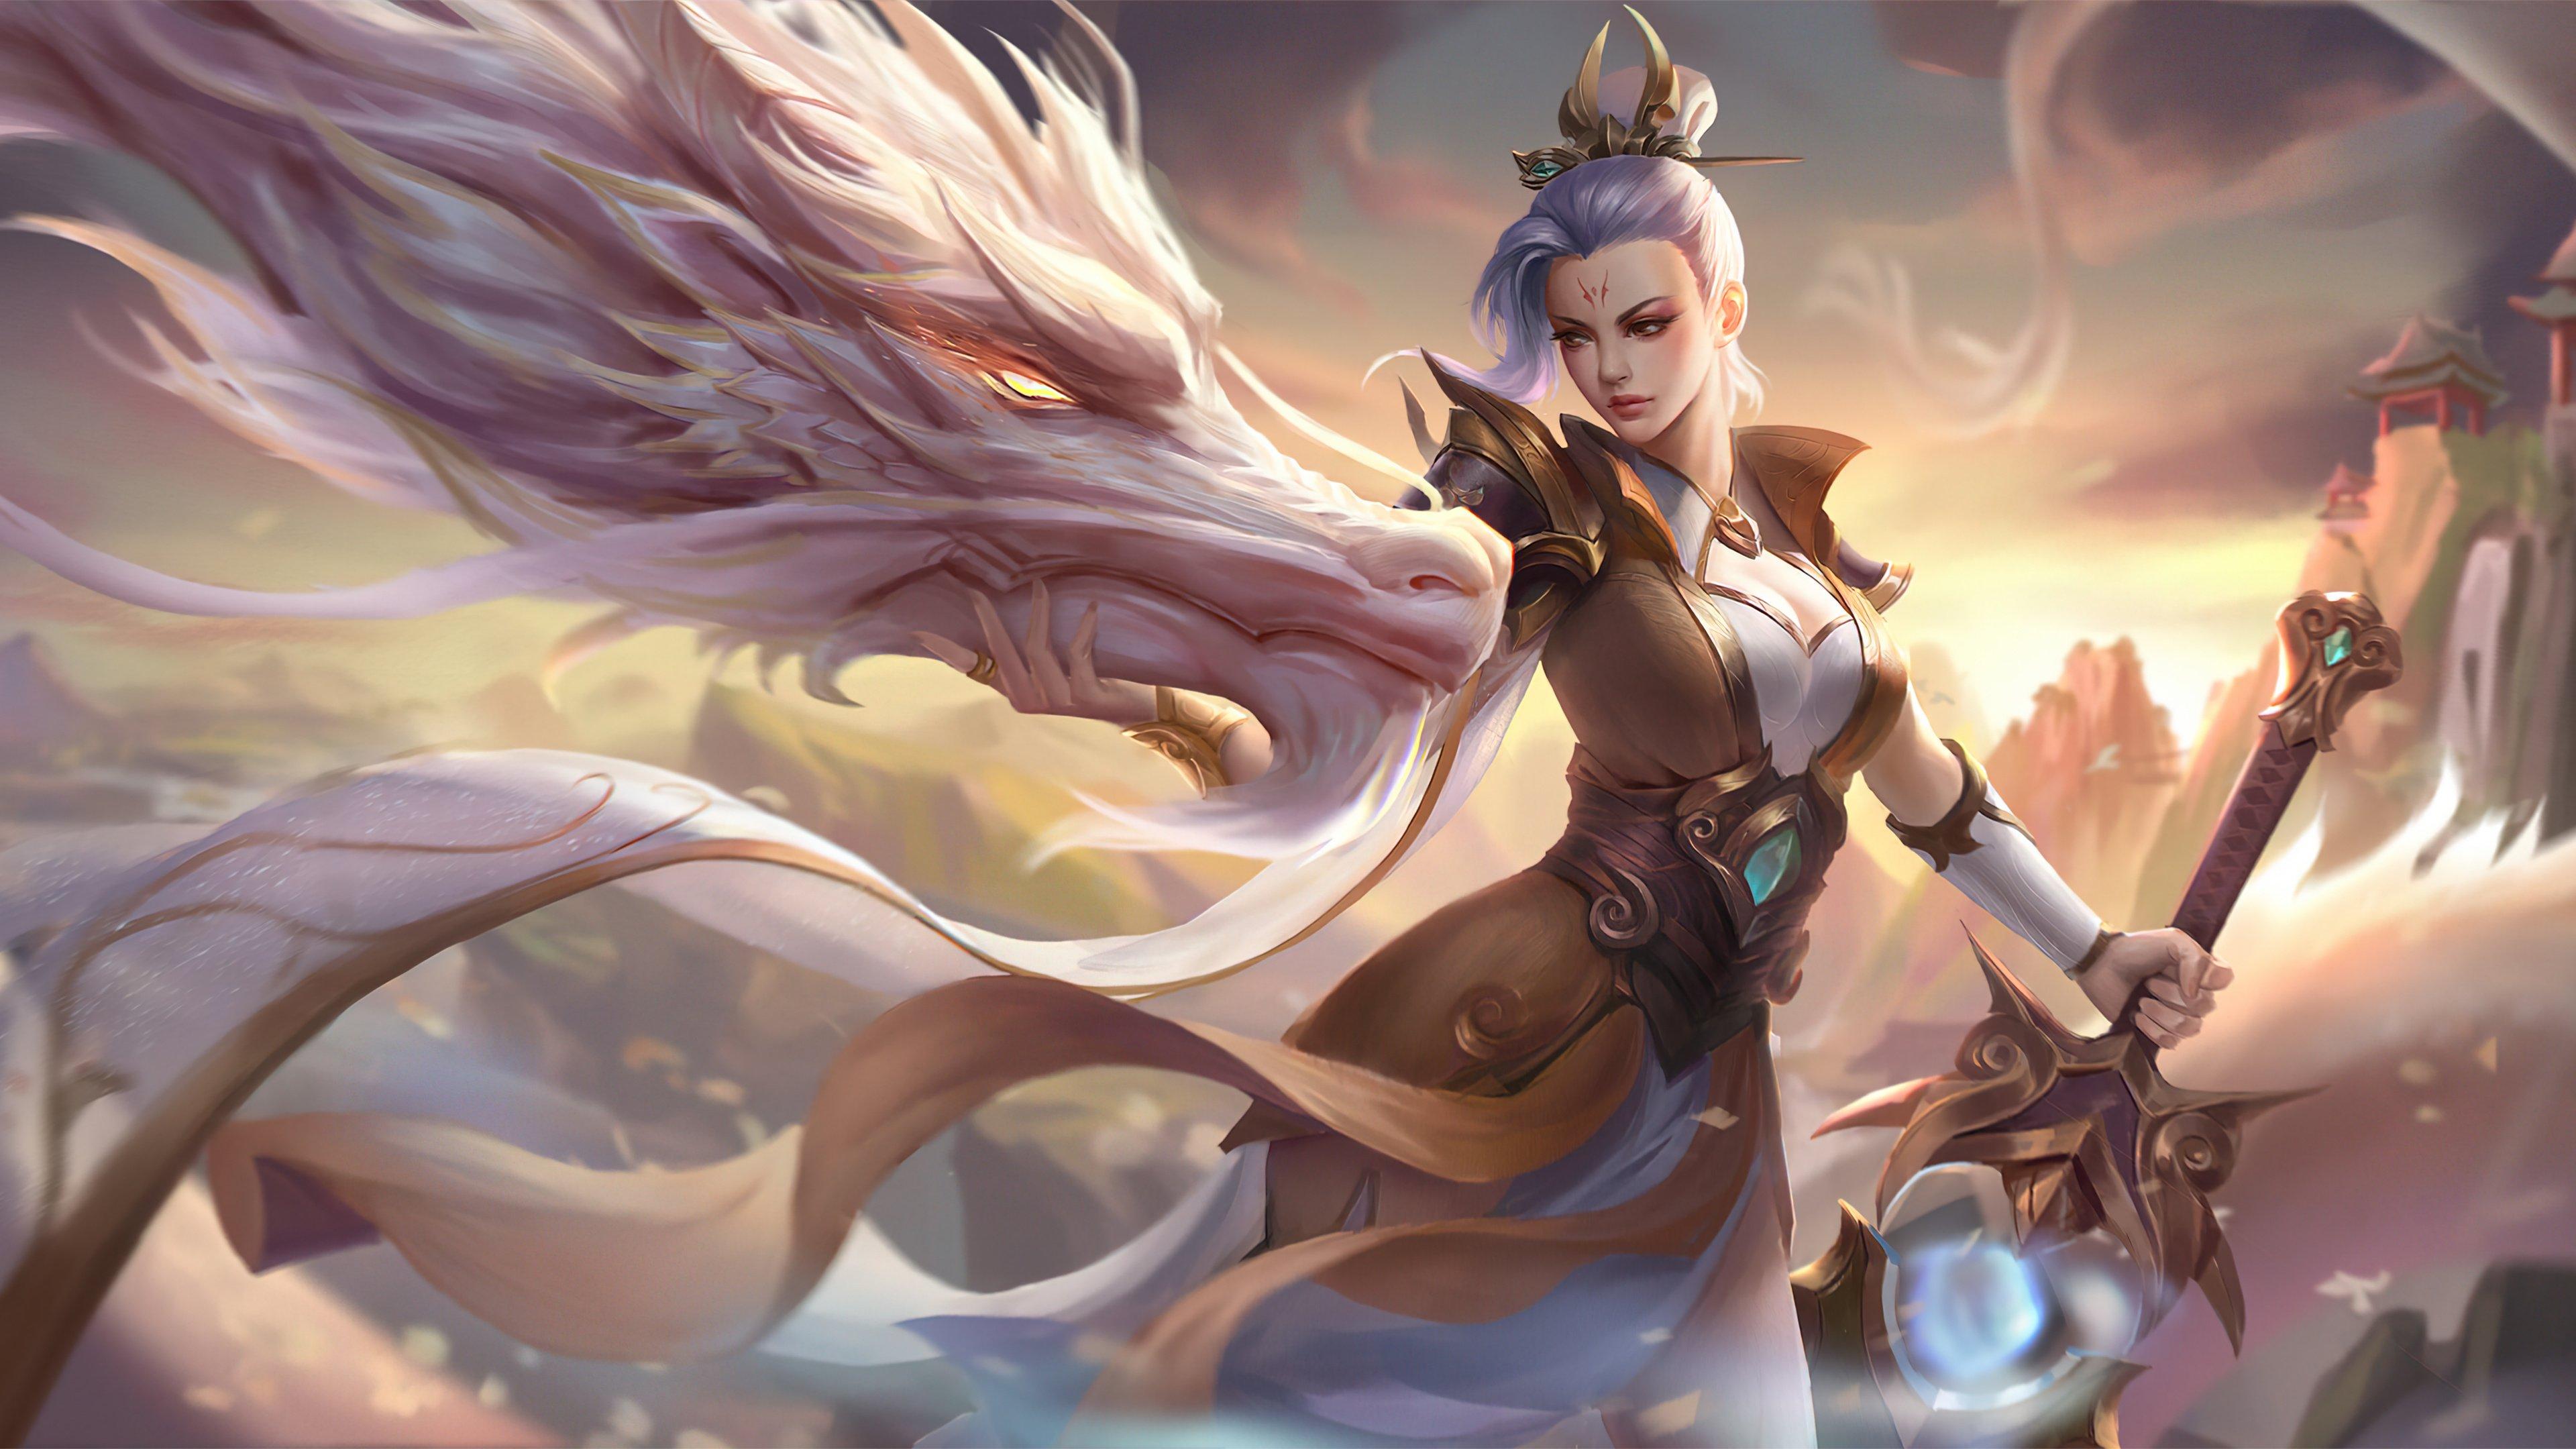 Fondos de pantalla Riven Valiant Sword Prestige League of Legends Arte